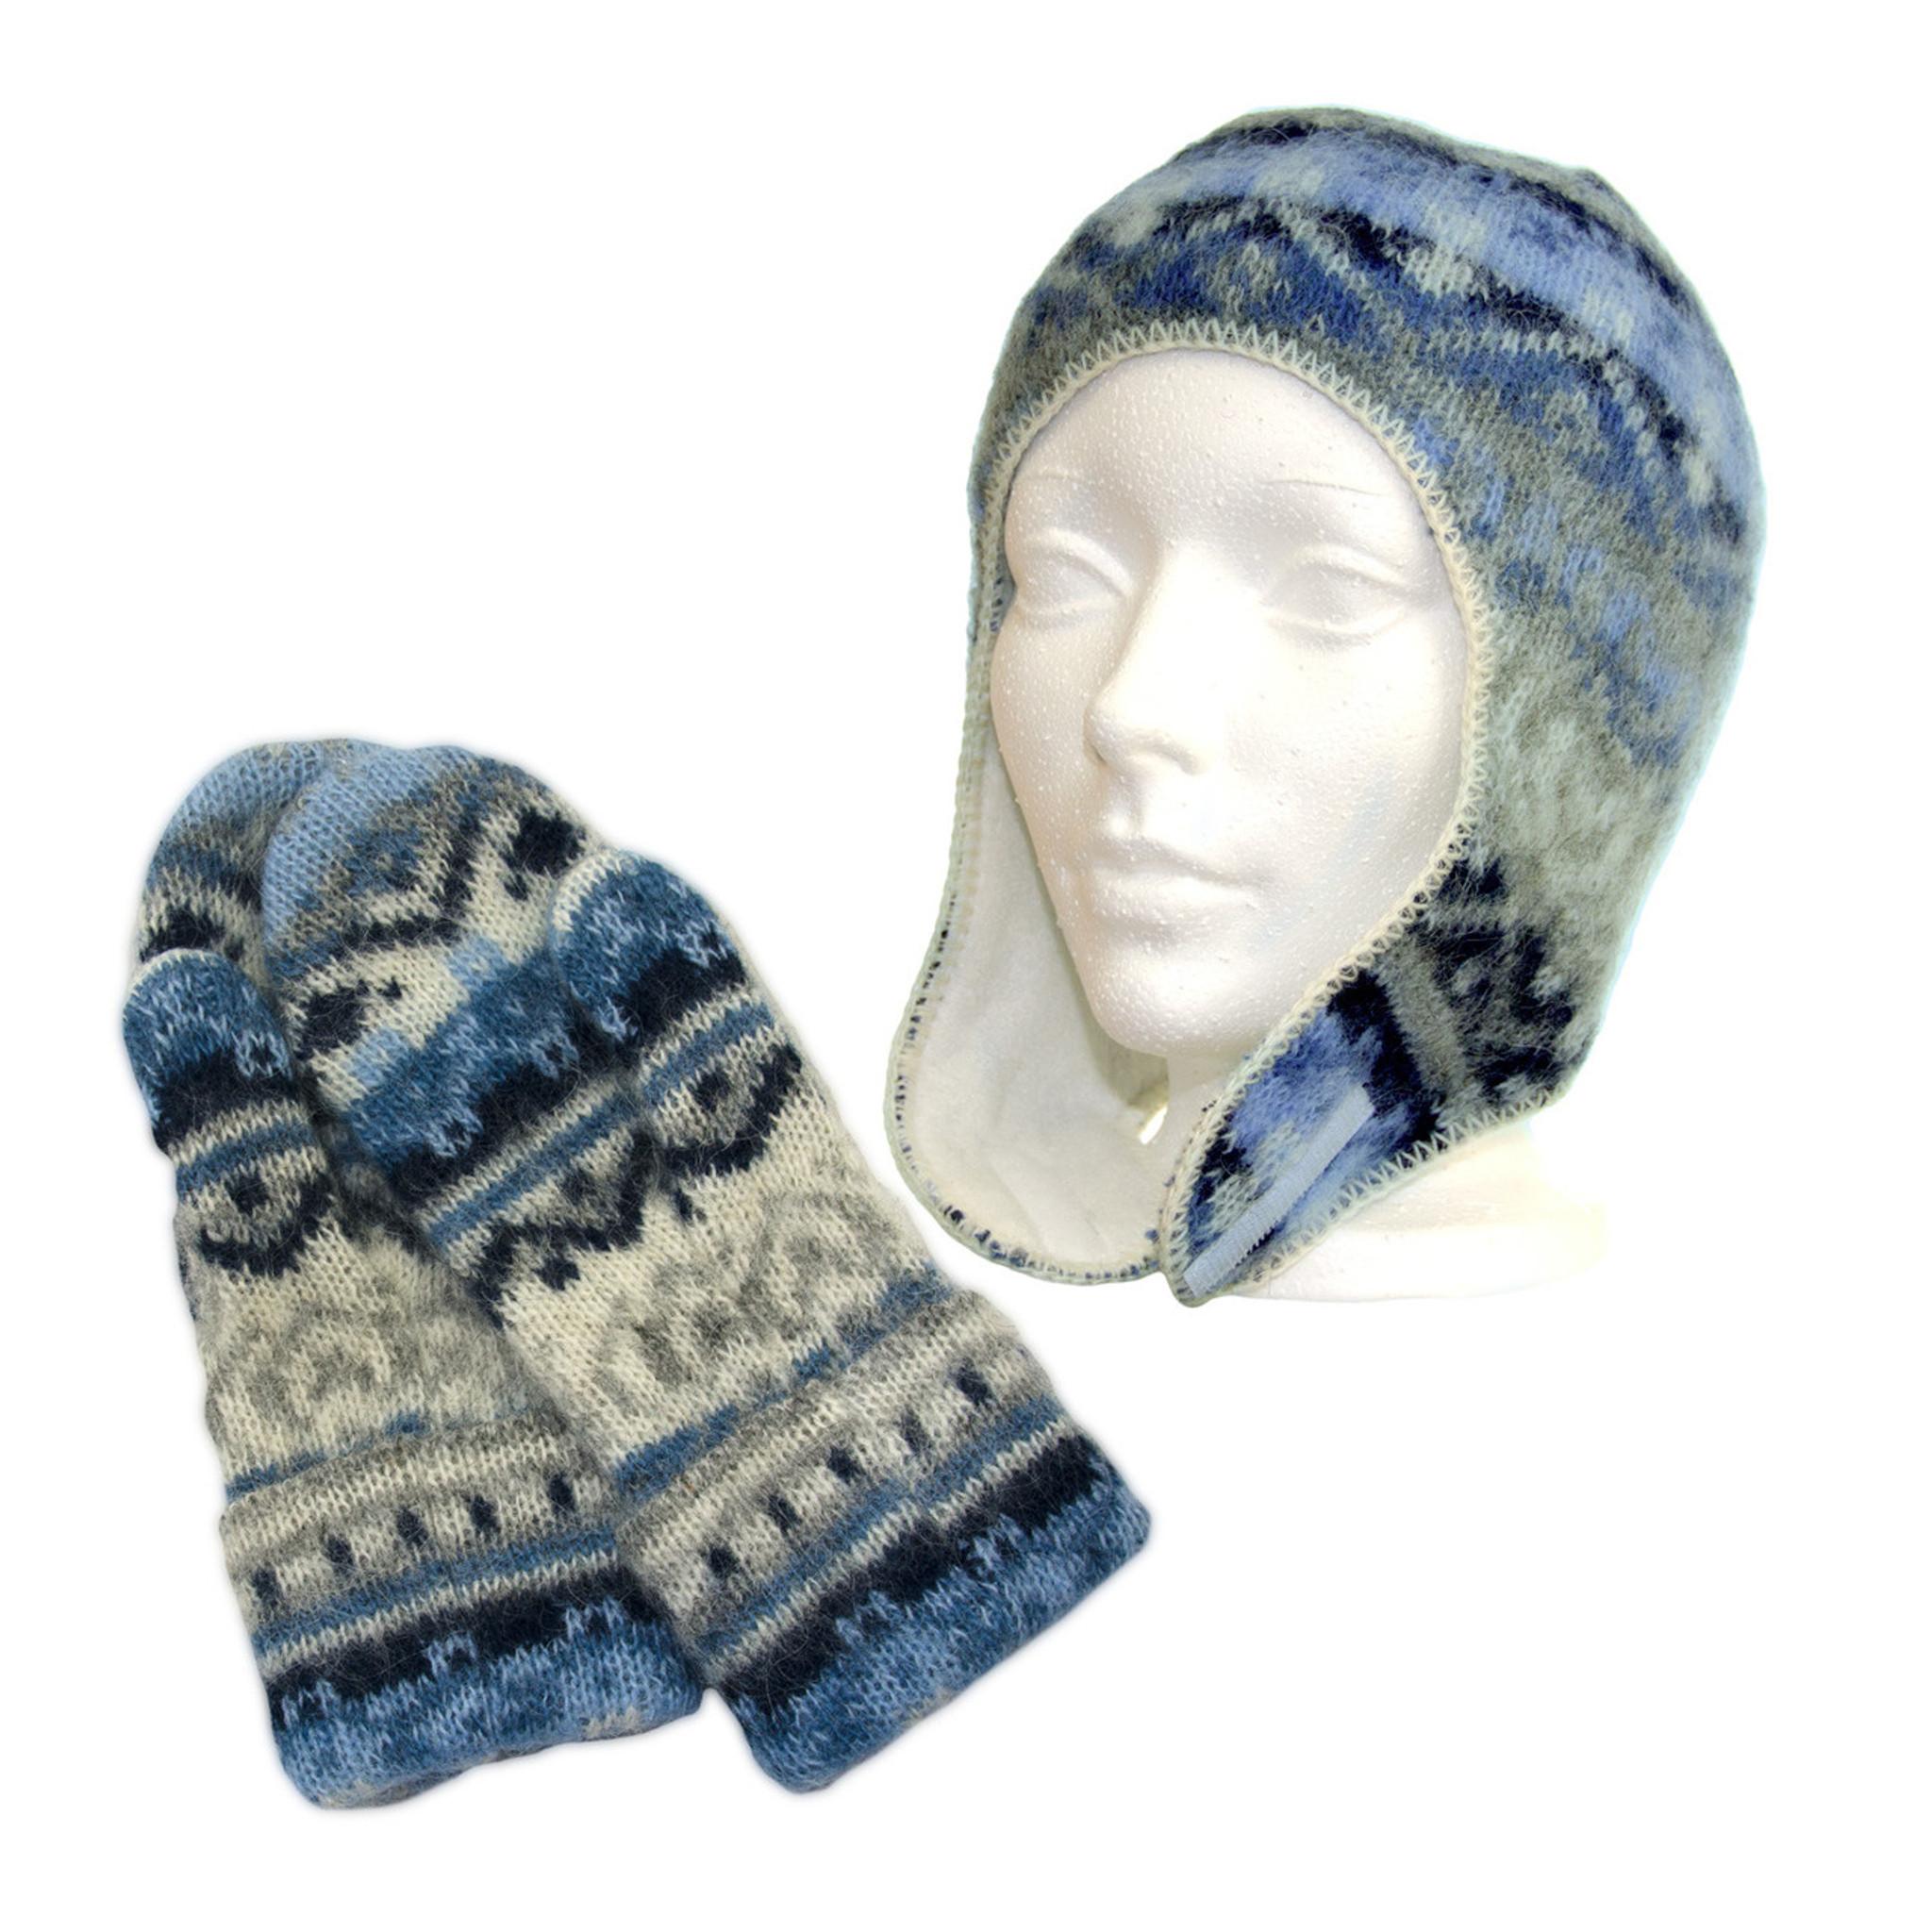 0d2e9f0ff79 ... Icelandic Wool Kid s Hat   Mitten Set (Denim) by Freyja - Ships in  Canada ...